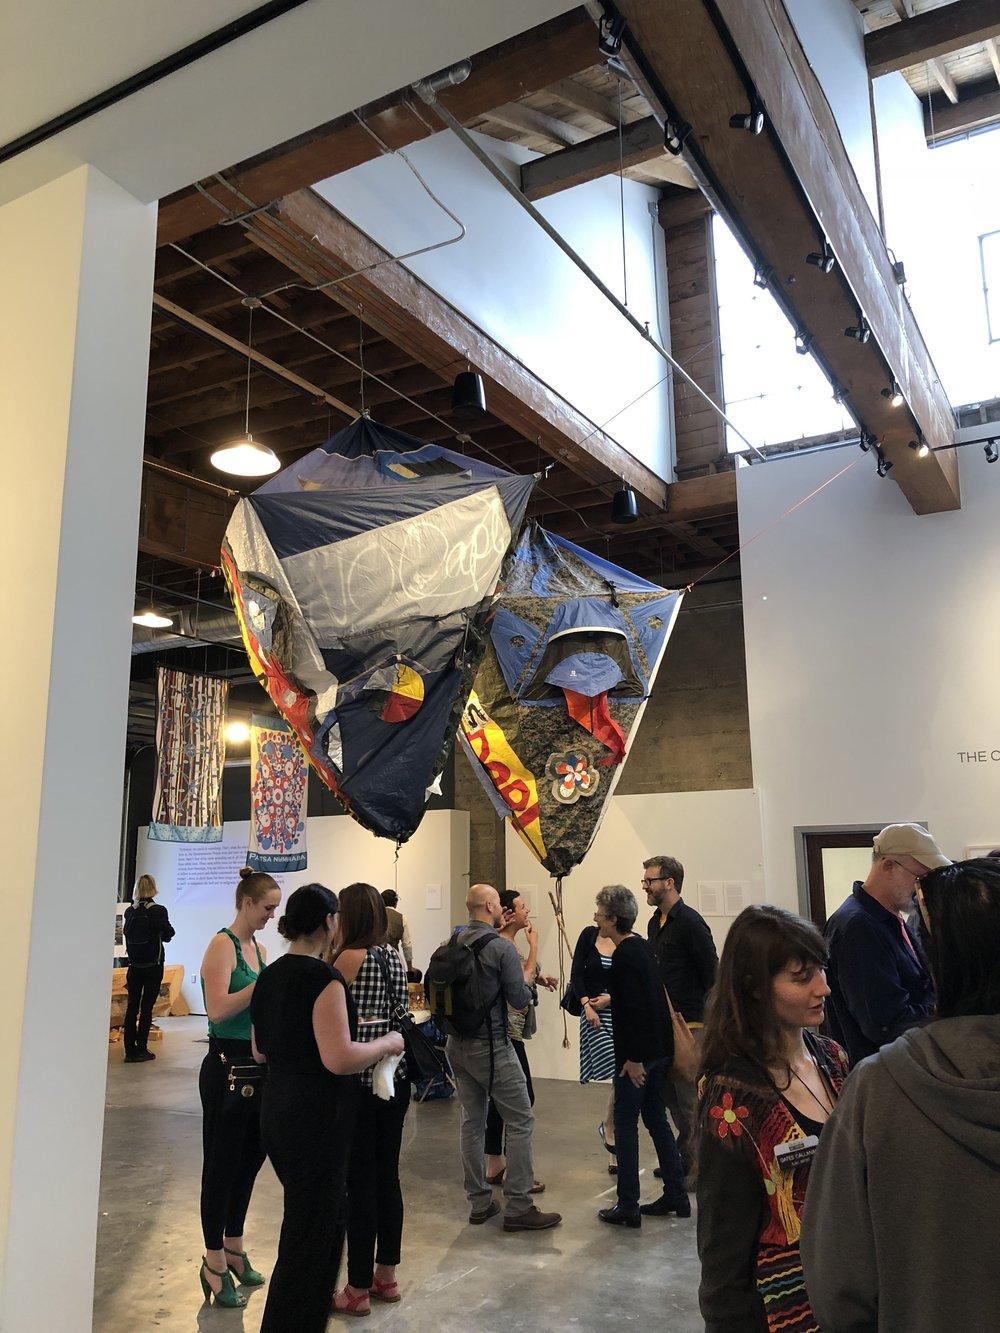 Portland, OR, Elizabeth Jones Art Center, Condor and Eagle exhibition, June 2017